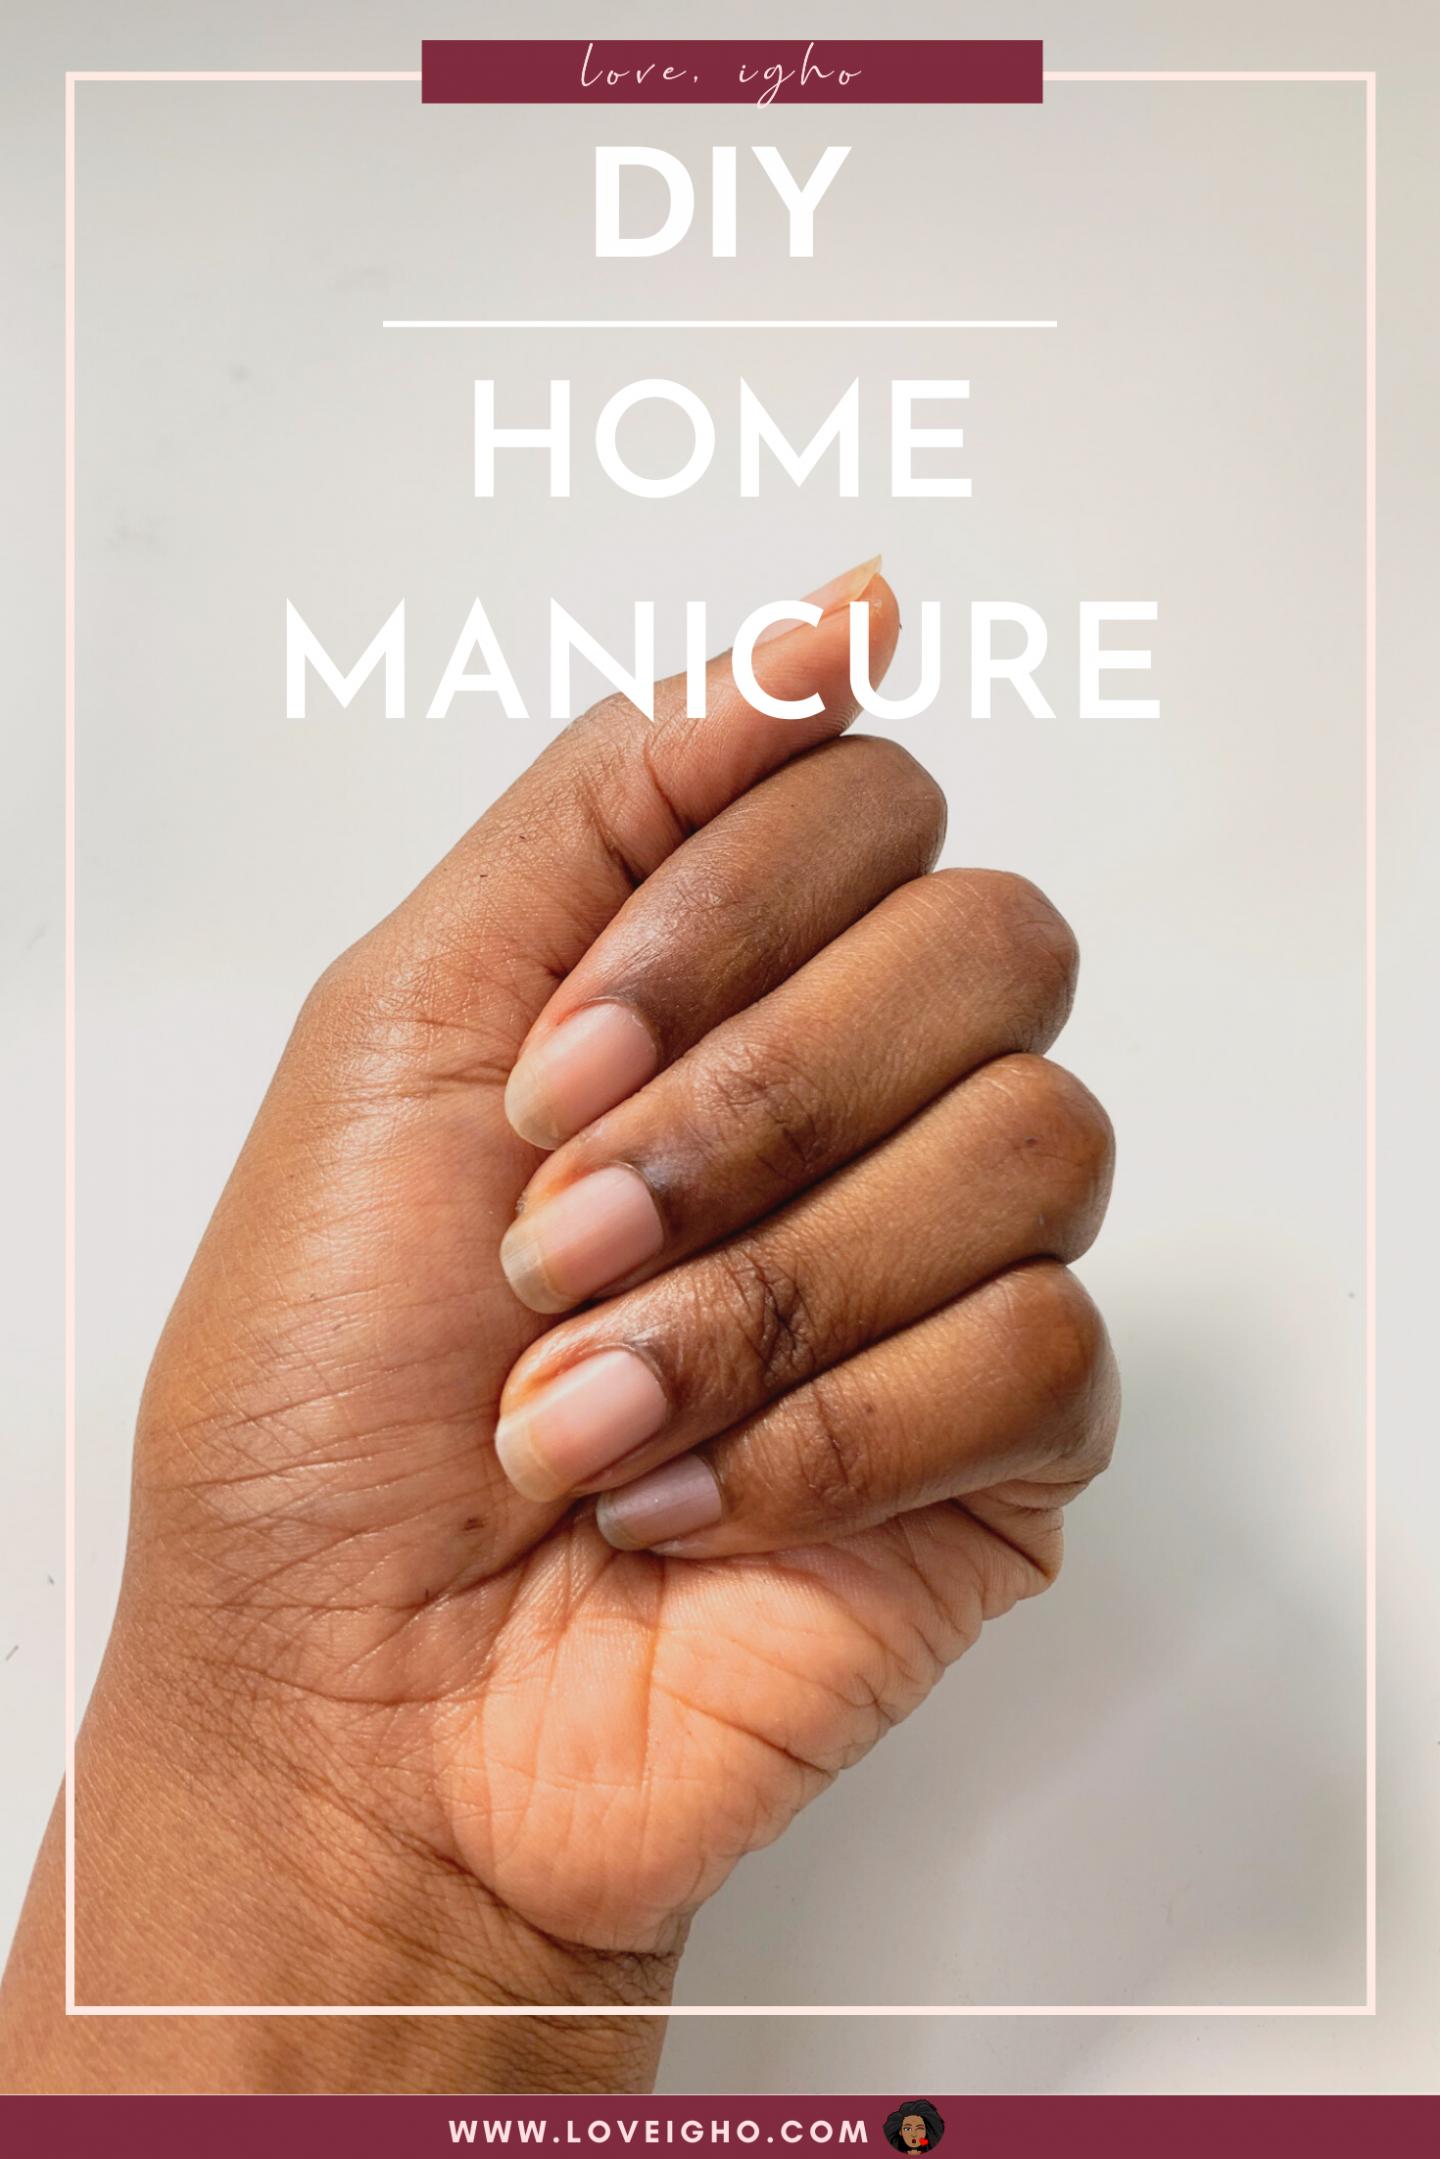 How to Do A Home Manicure | Love Igho